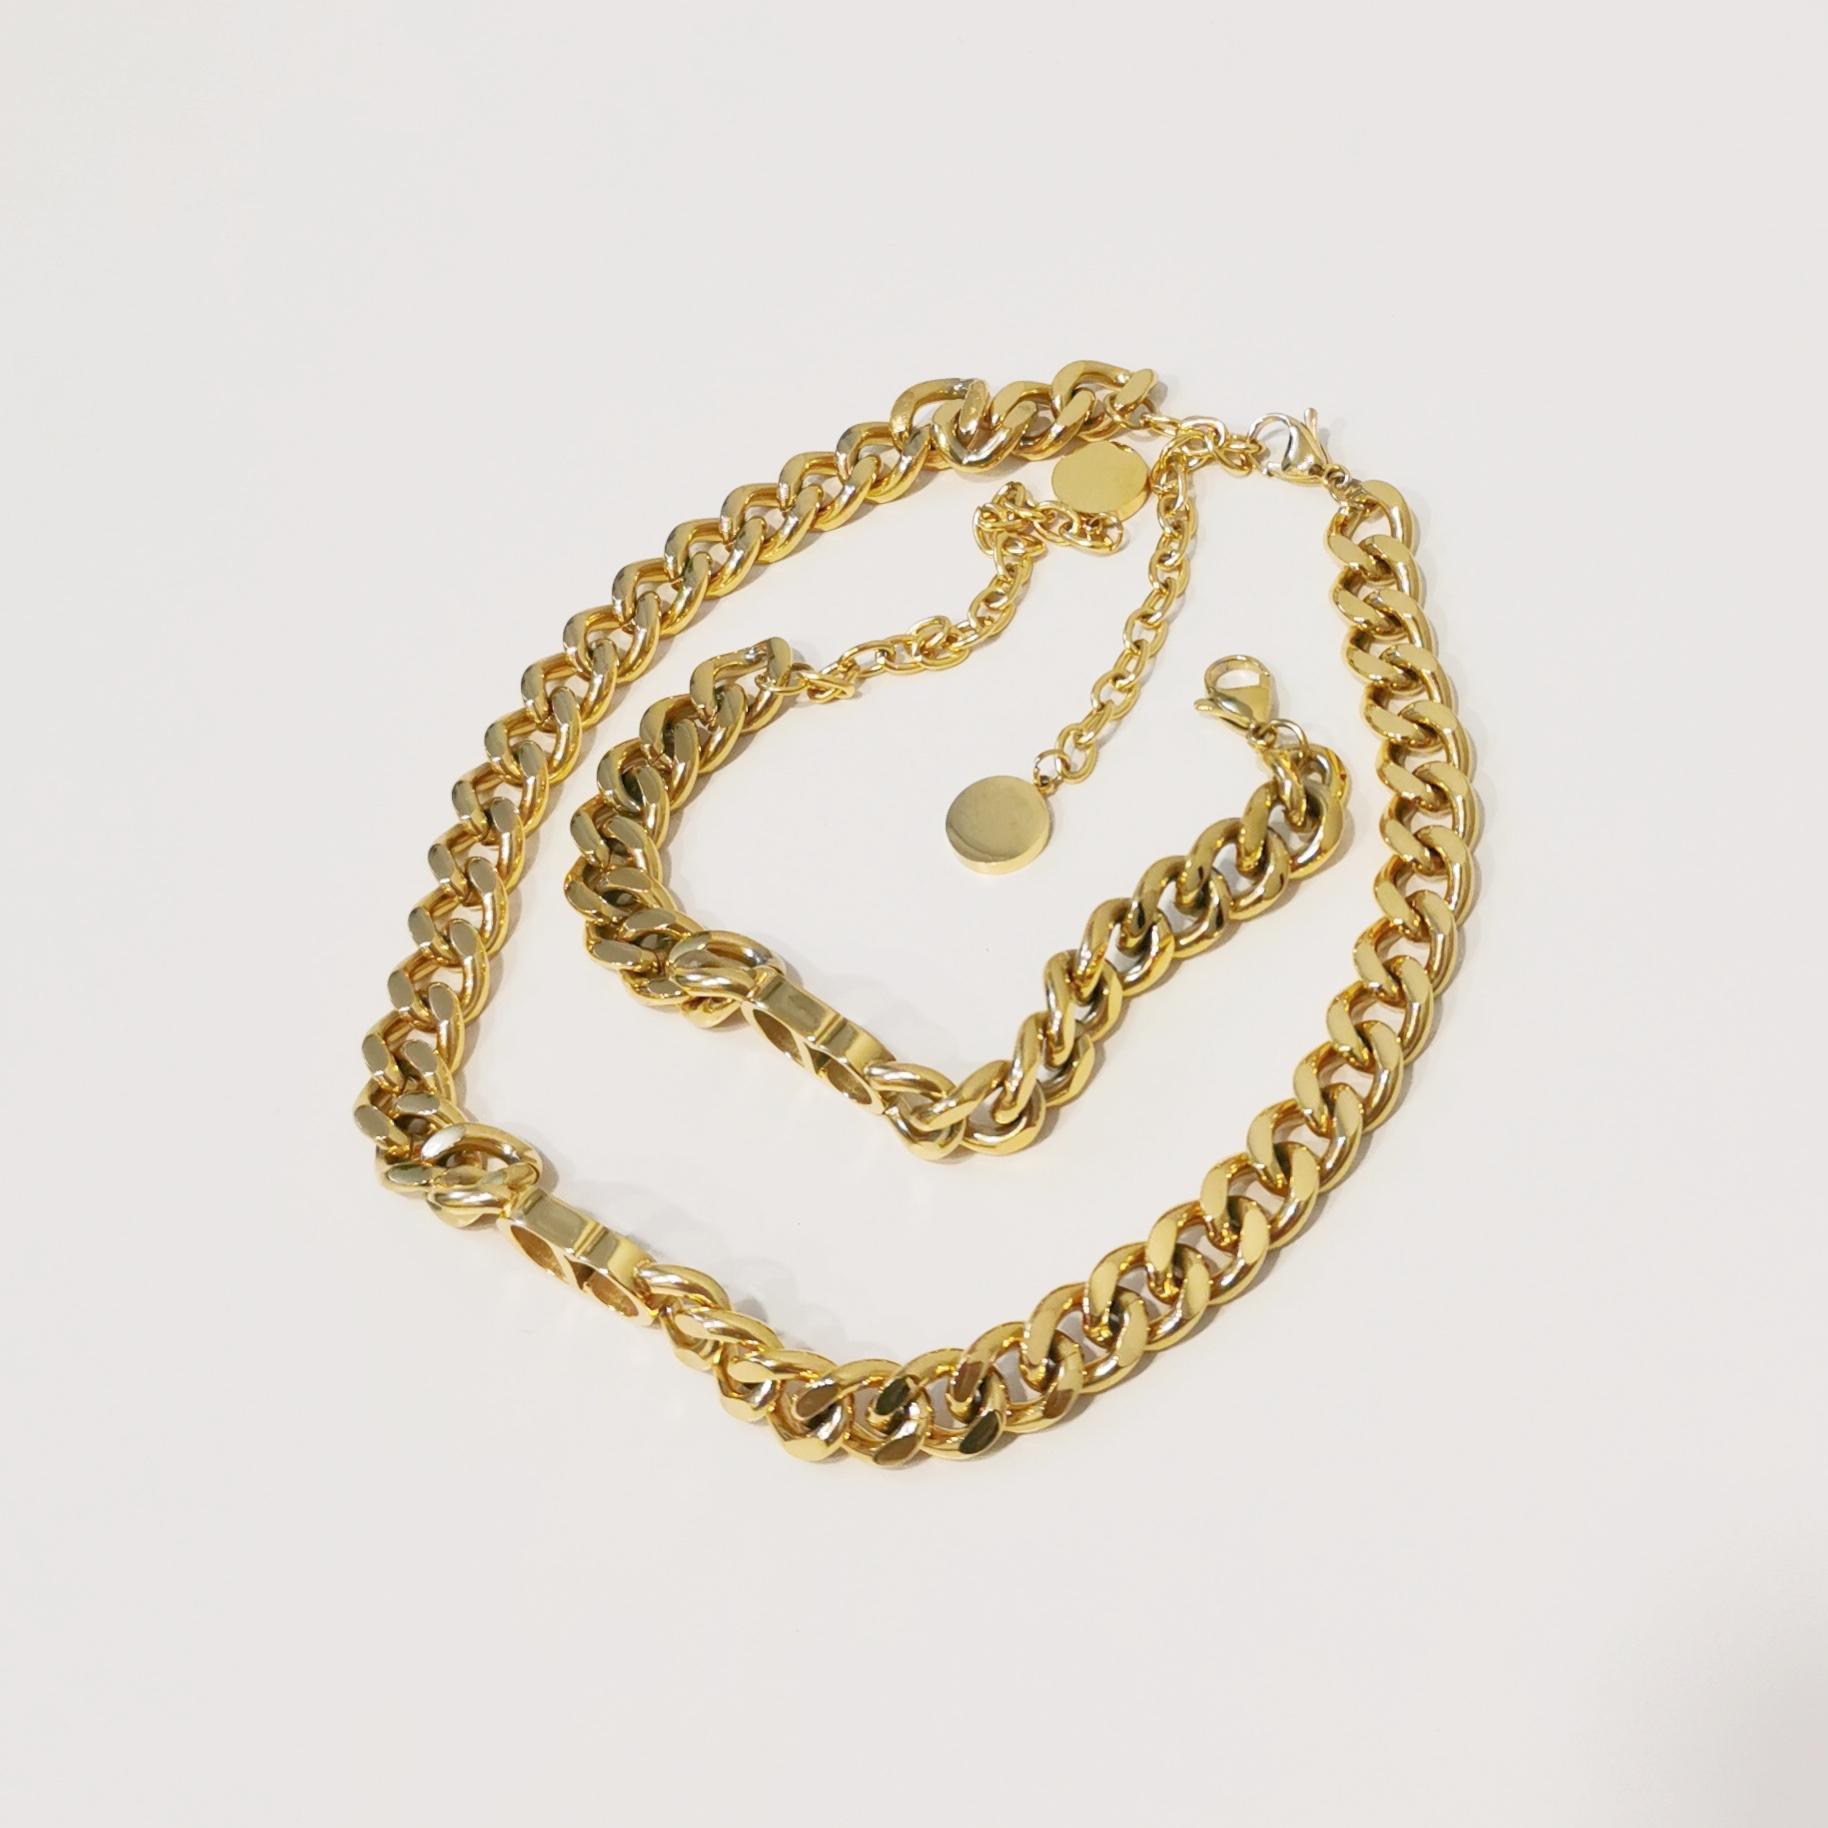 New Luxury Designer Schmuck Frauen Halsketten Gold Dicke Kette Halskette mit D Anhänger Edelstahl Armband Halskette Set Mode Kette